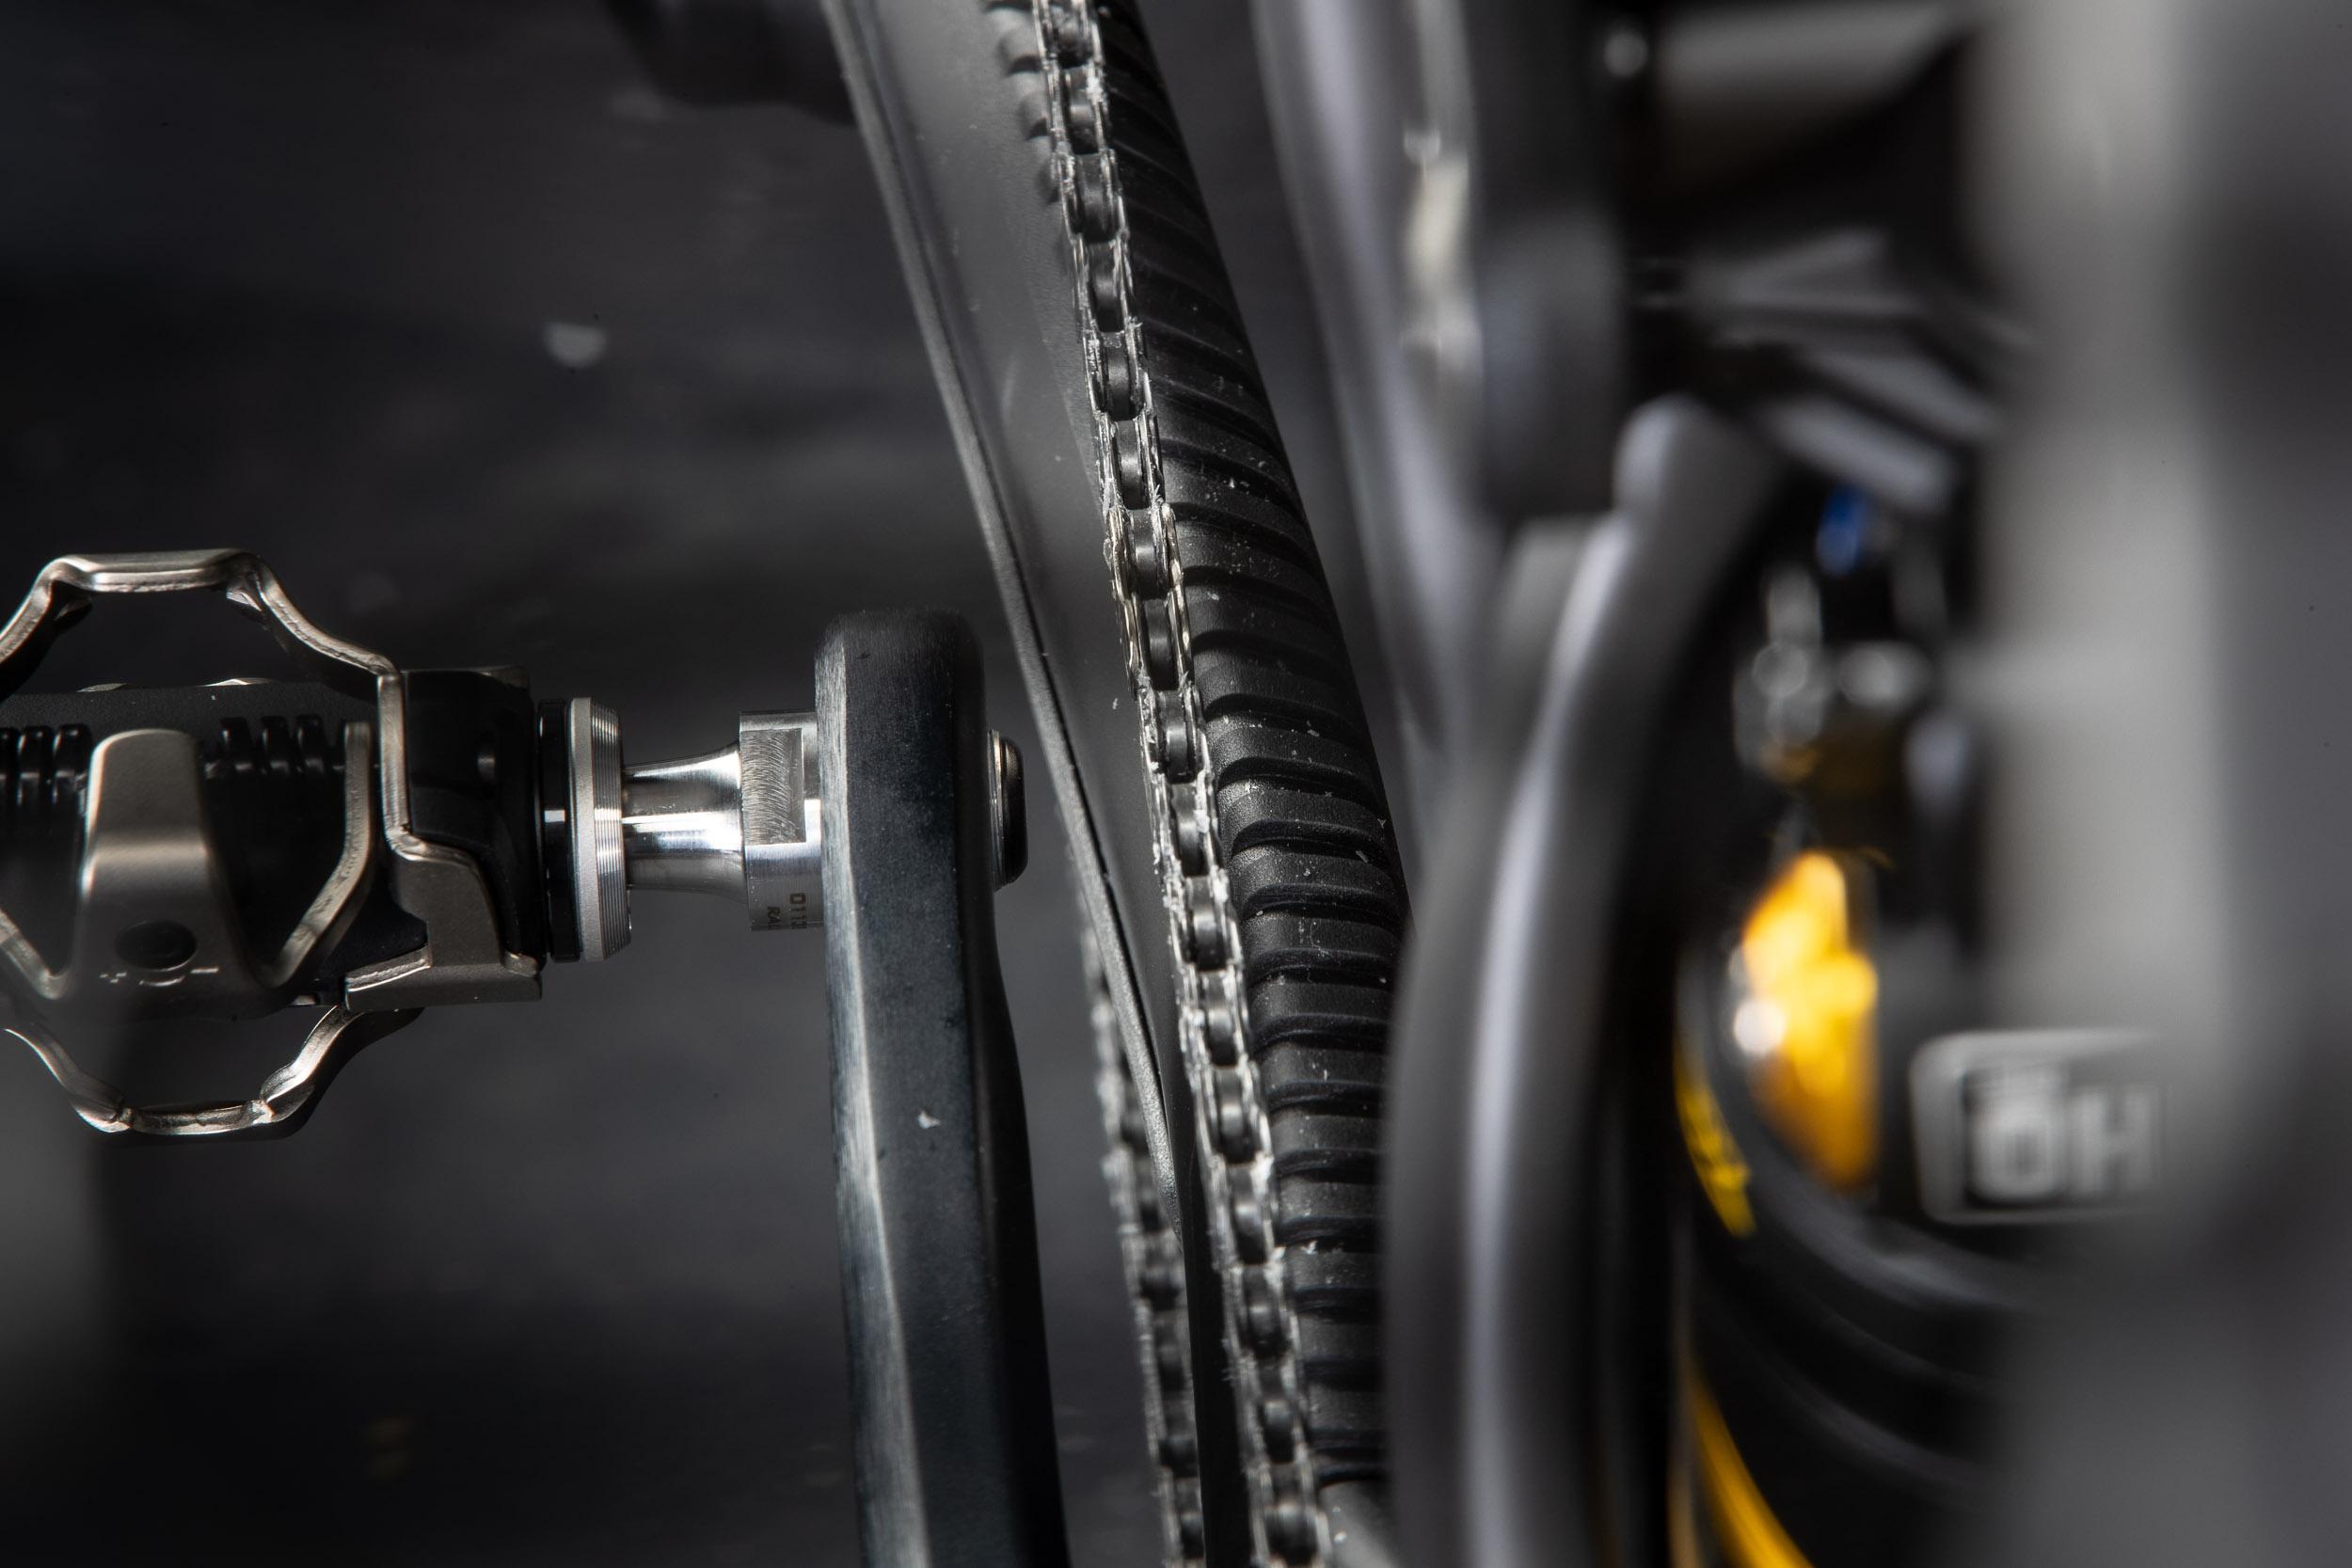 XC200 am MTB: Auch ohne Spacer ausreichend Abstand zwischen Pedal und Kette